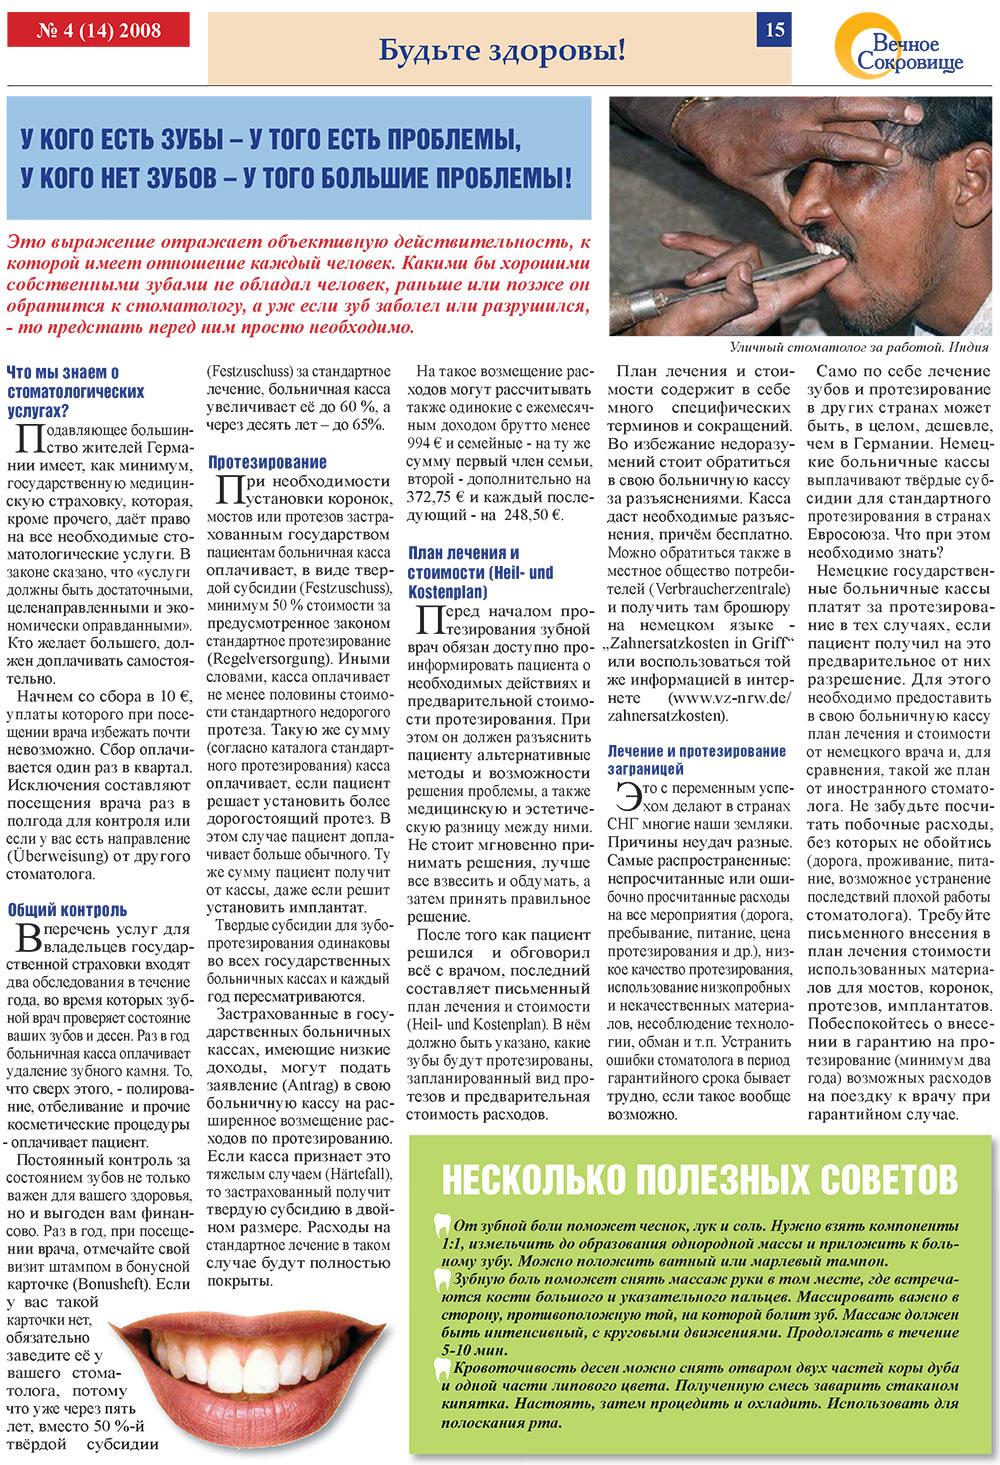 Вечное сокровище (газета). 2008 год, номер 4, стр. 15